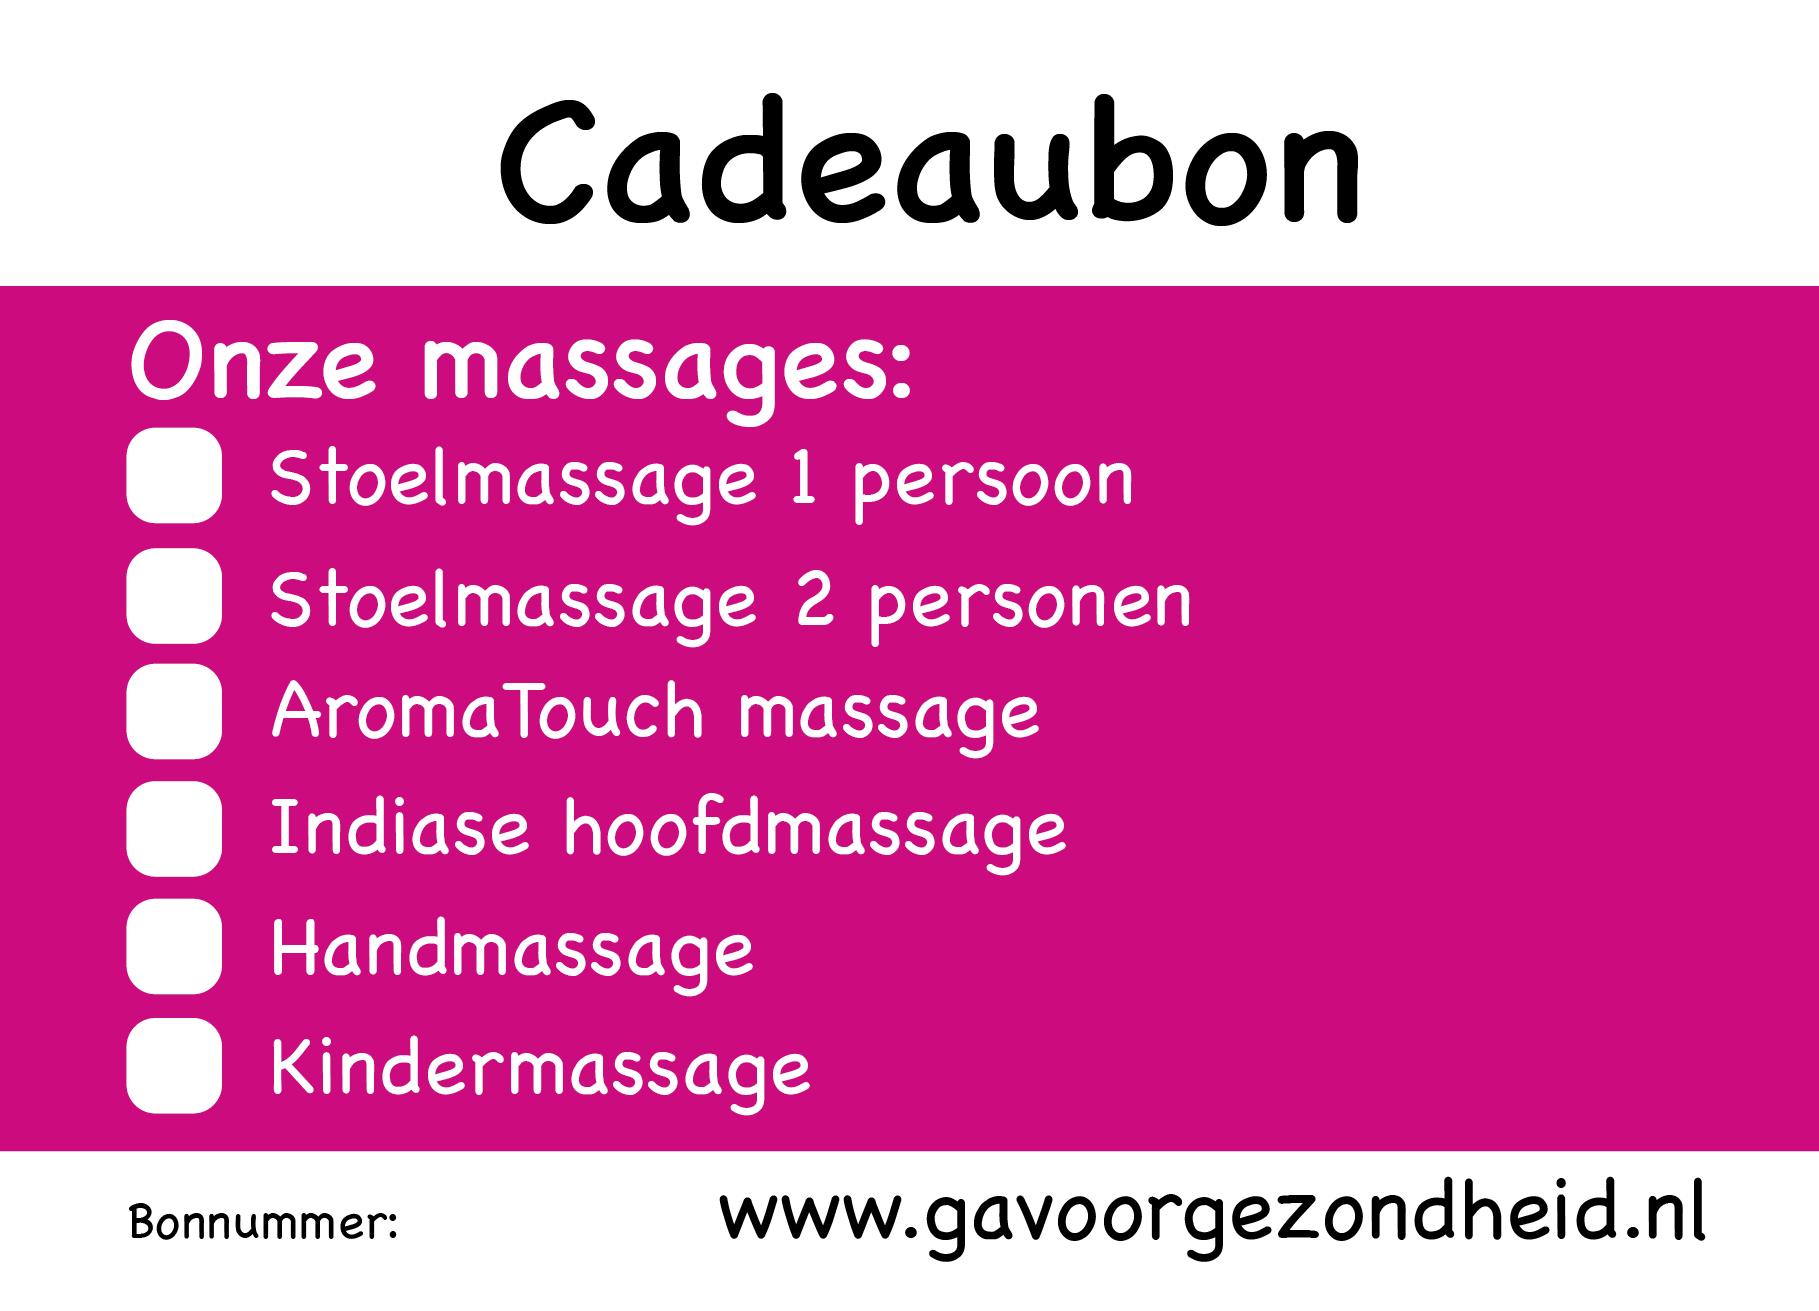 Cadeaubon www.gavoorgezondheid.nl